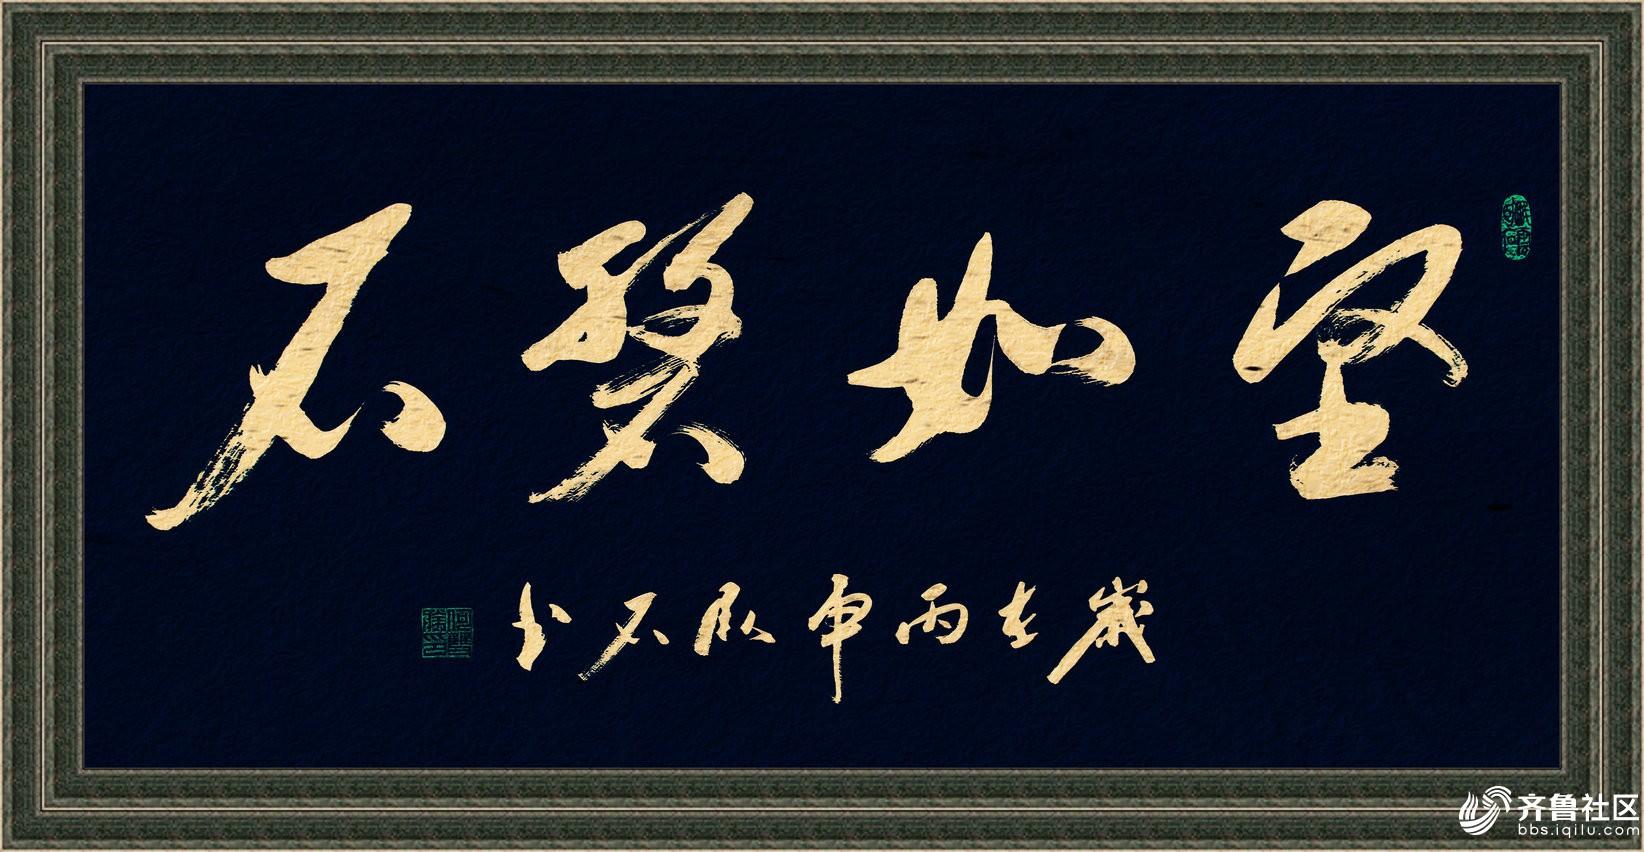 书法 书法作品 1644_852图片